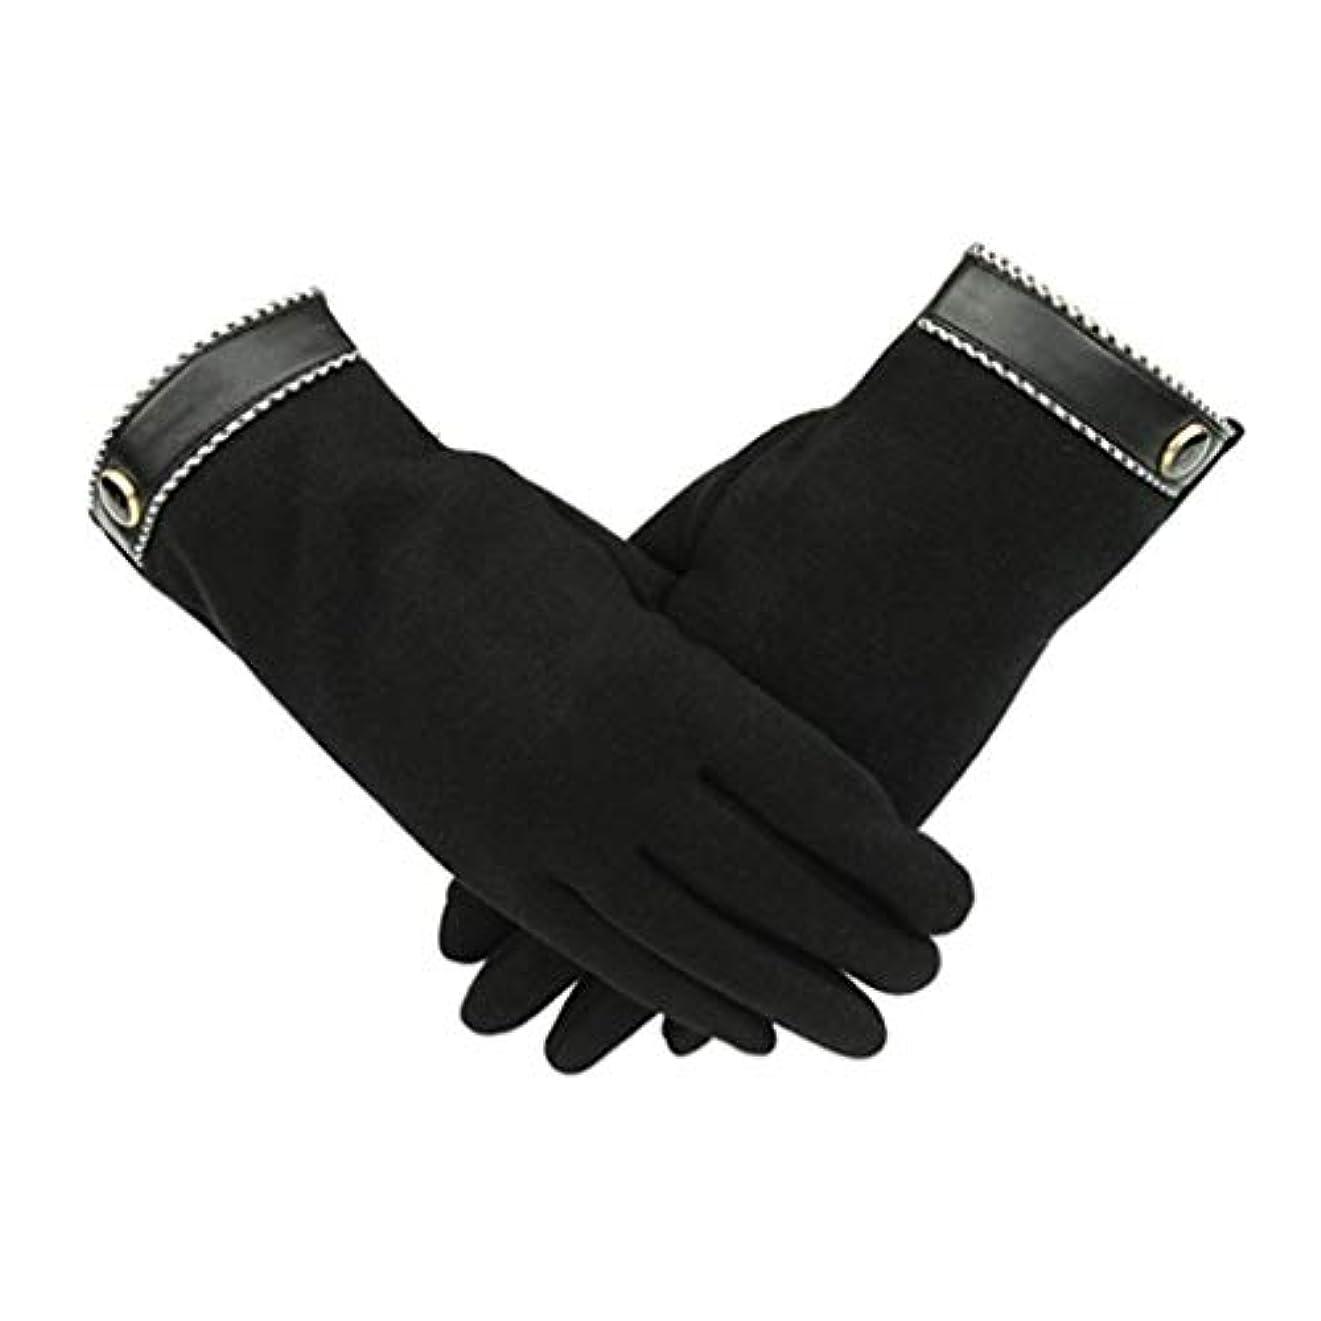 精神医学五十遅らせる手袋の男性プラスベルベット暖かい春と秋冬の屋外旅行は、ベルベットのタッチスクリーンの手袋ではない (色 : 黒)